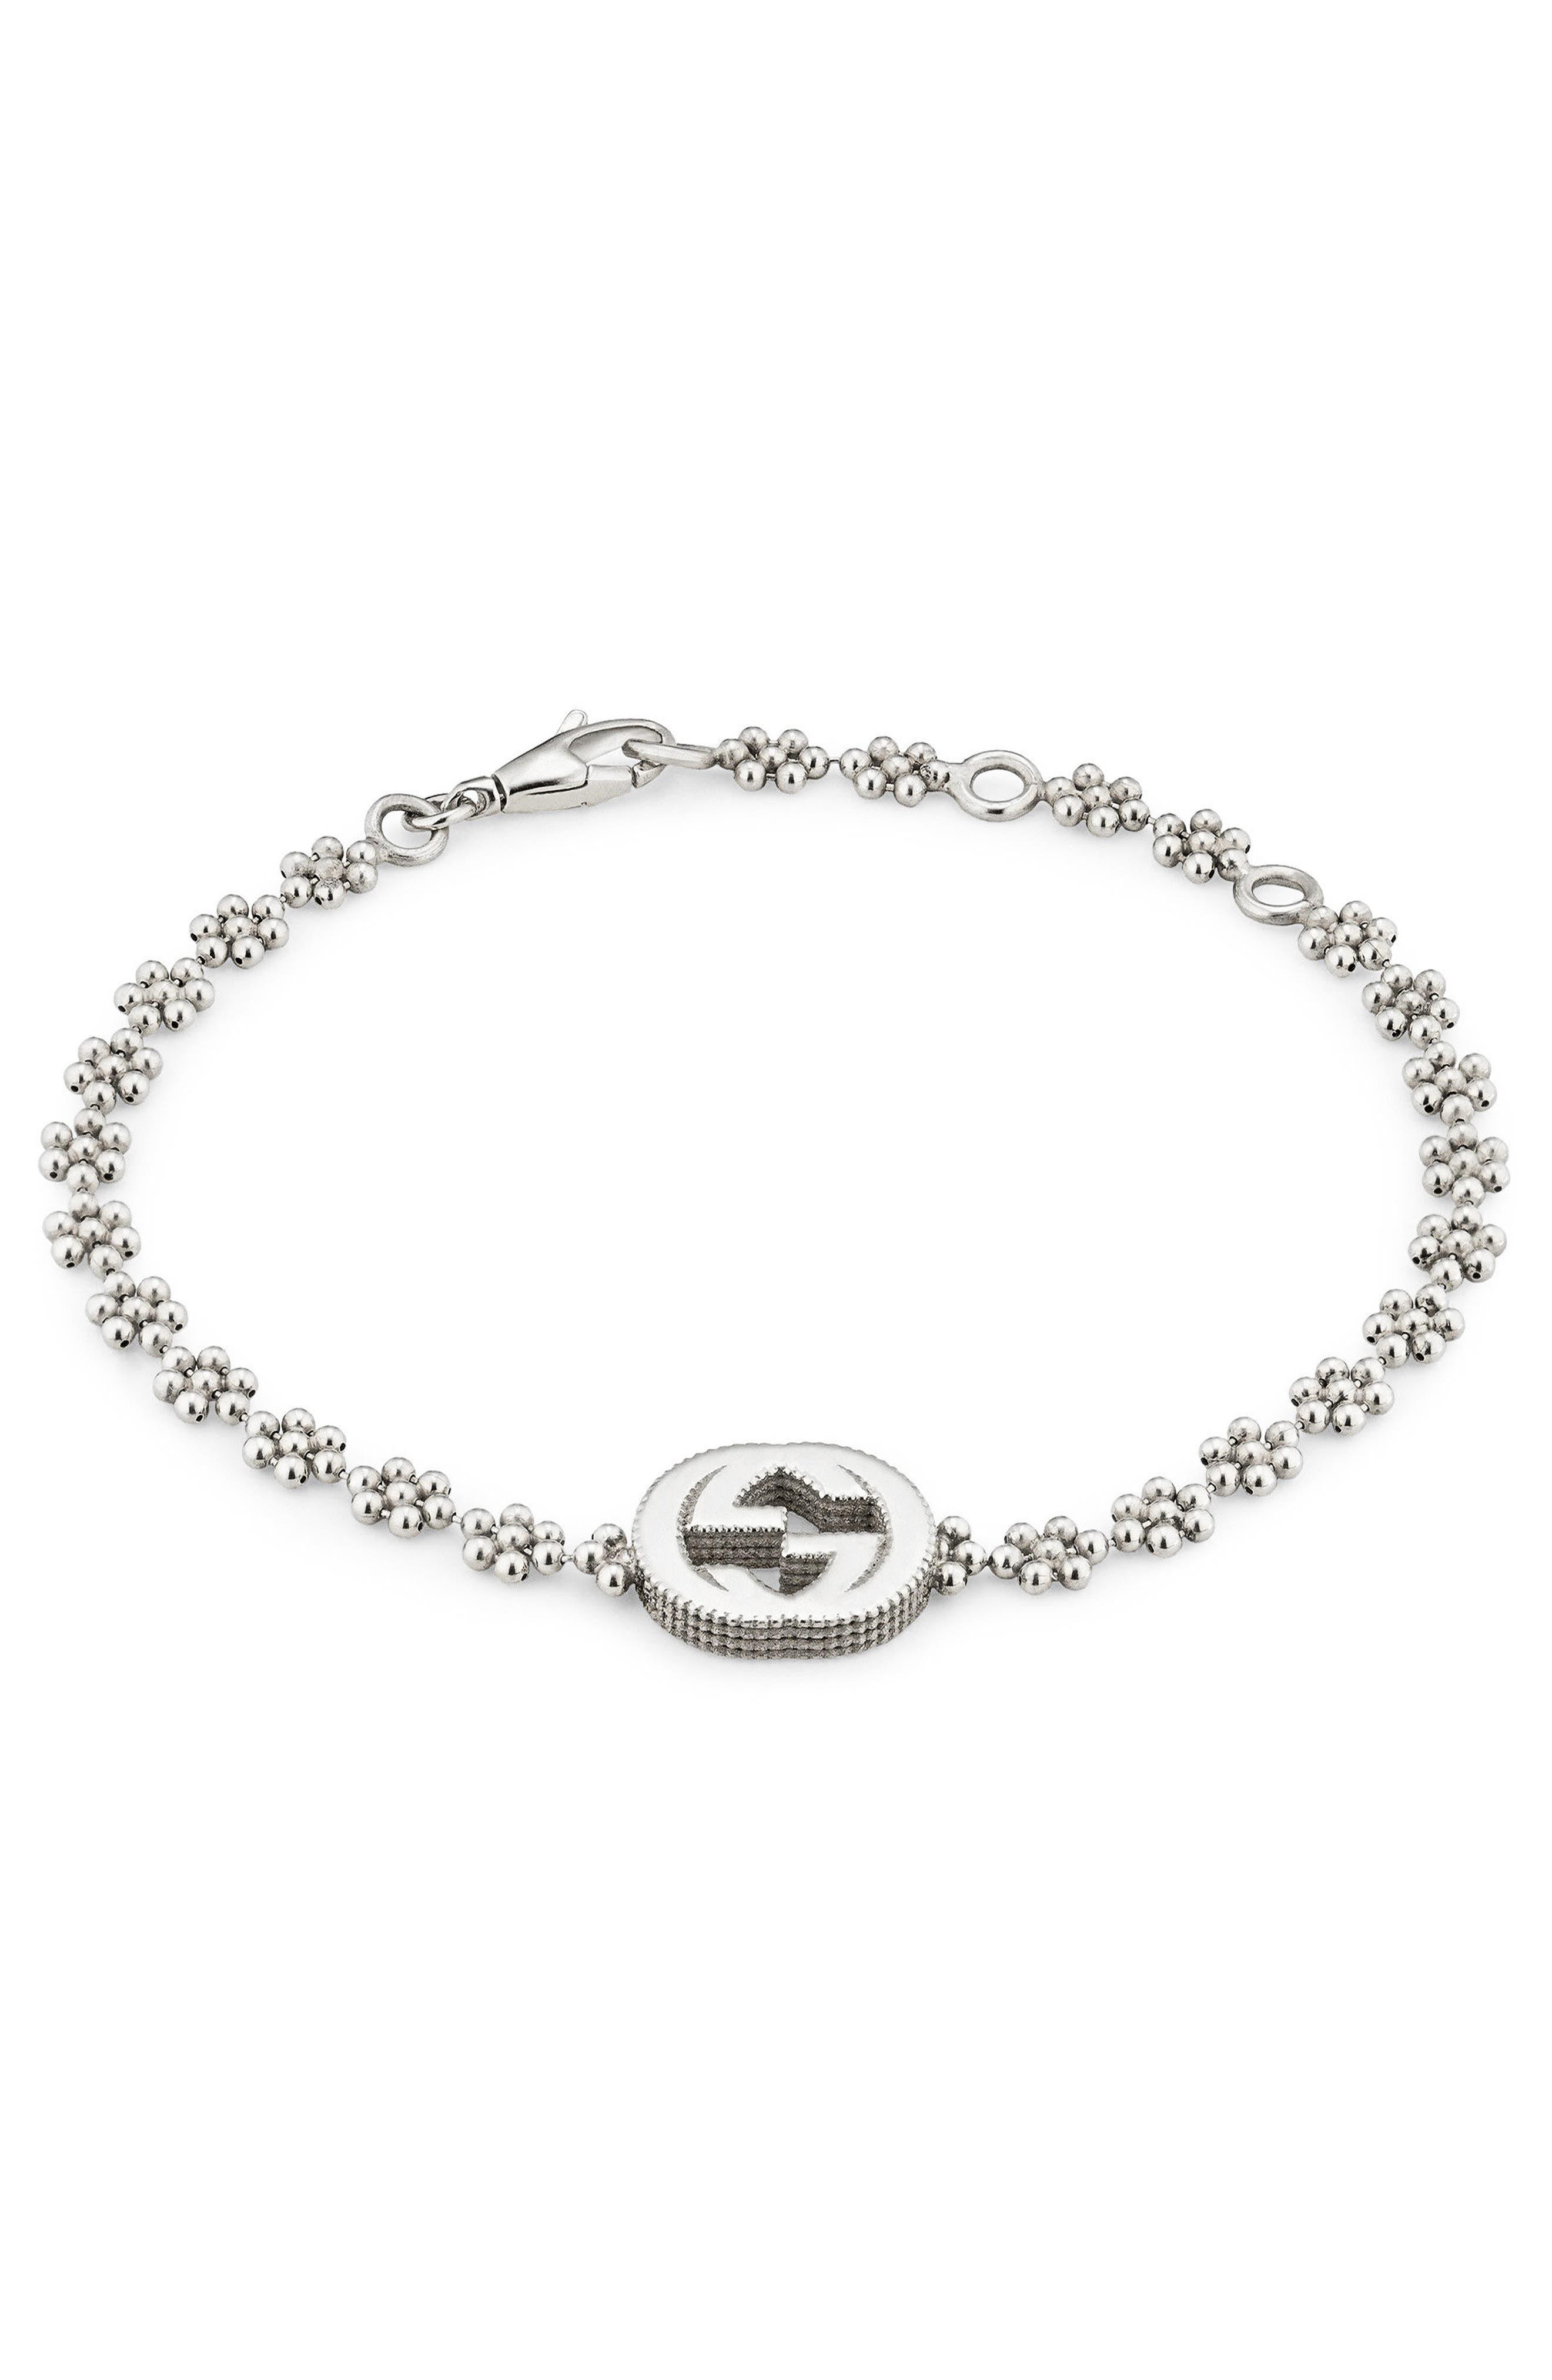 Interlocking-G Bracelet,                         Main,                         color, Sterling Silver